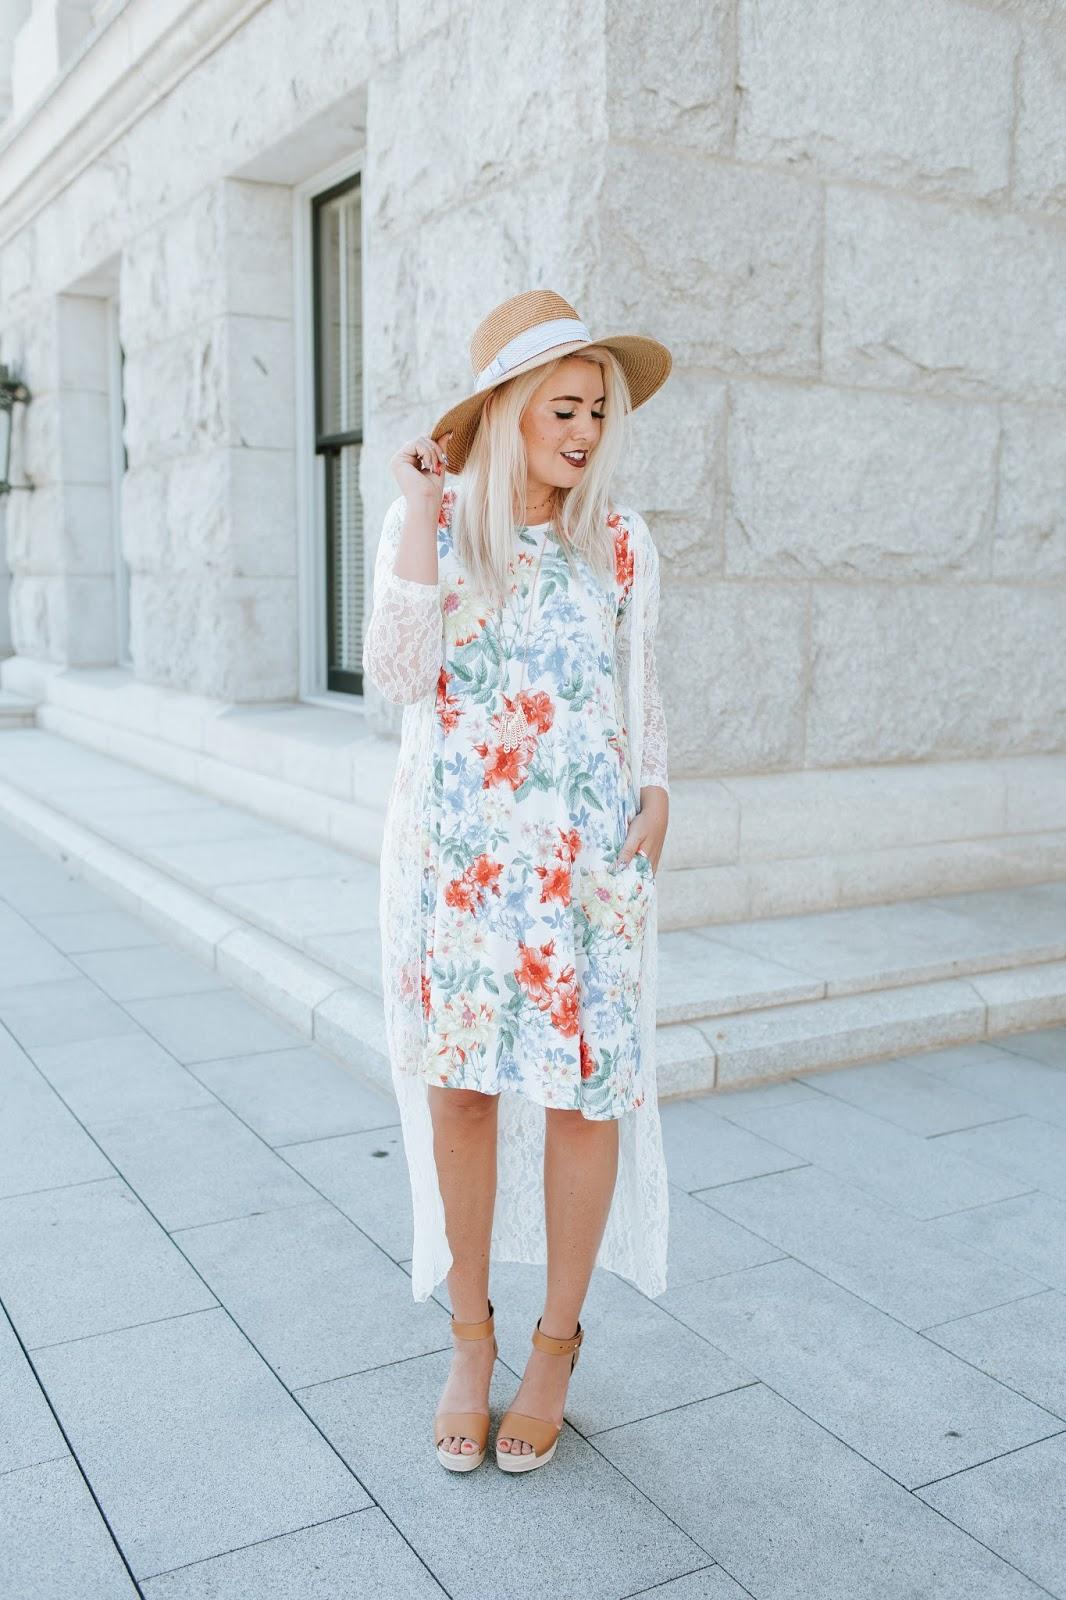 Floral Dess, LipSense, Lace Cardigan